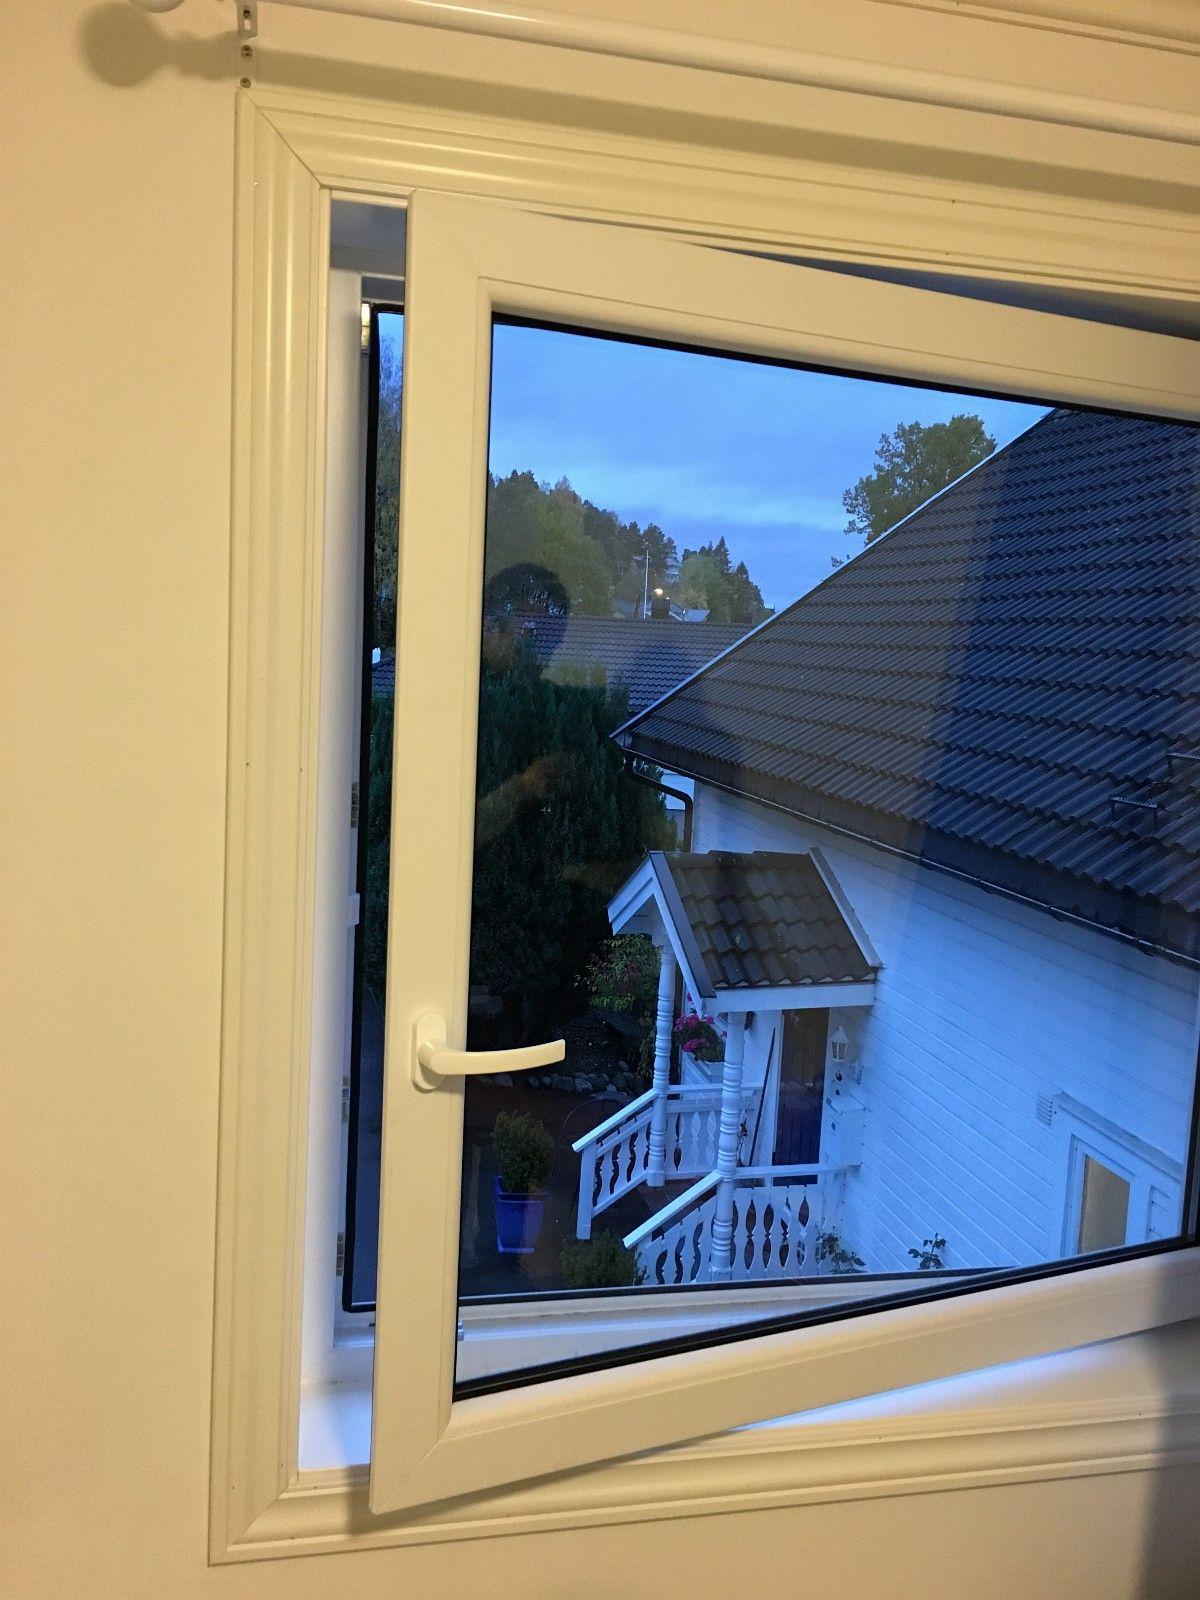 Vinduer i PVC - tåler all slags vær - rask levering! - Trondheim  - PVC er det nye store på vindusfronten her i Norge. Vinduene kjennetegnes ved sin gode isolasjonsevne, elegante design og enkle montering. - Priseksempel: 119 x 119 cm - kr 1 590 ,- inkl mva - Ved åpning svinges vinduet inn i rommet for enke - Trondheim